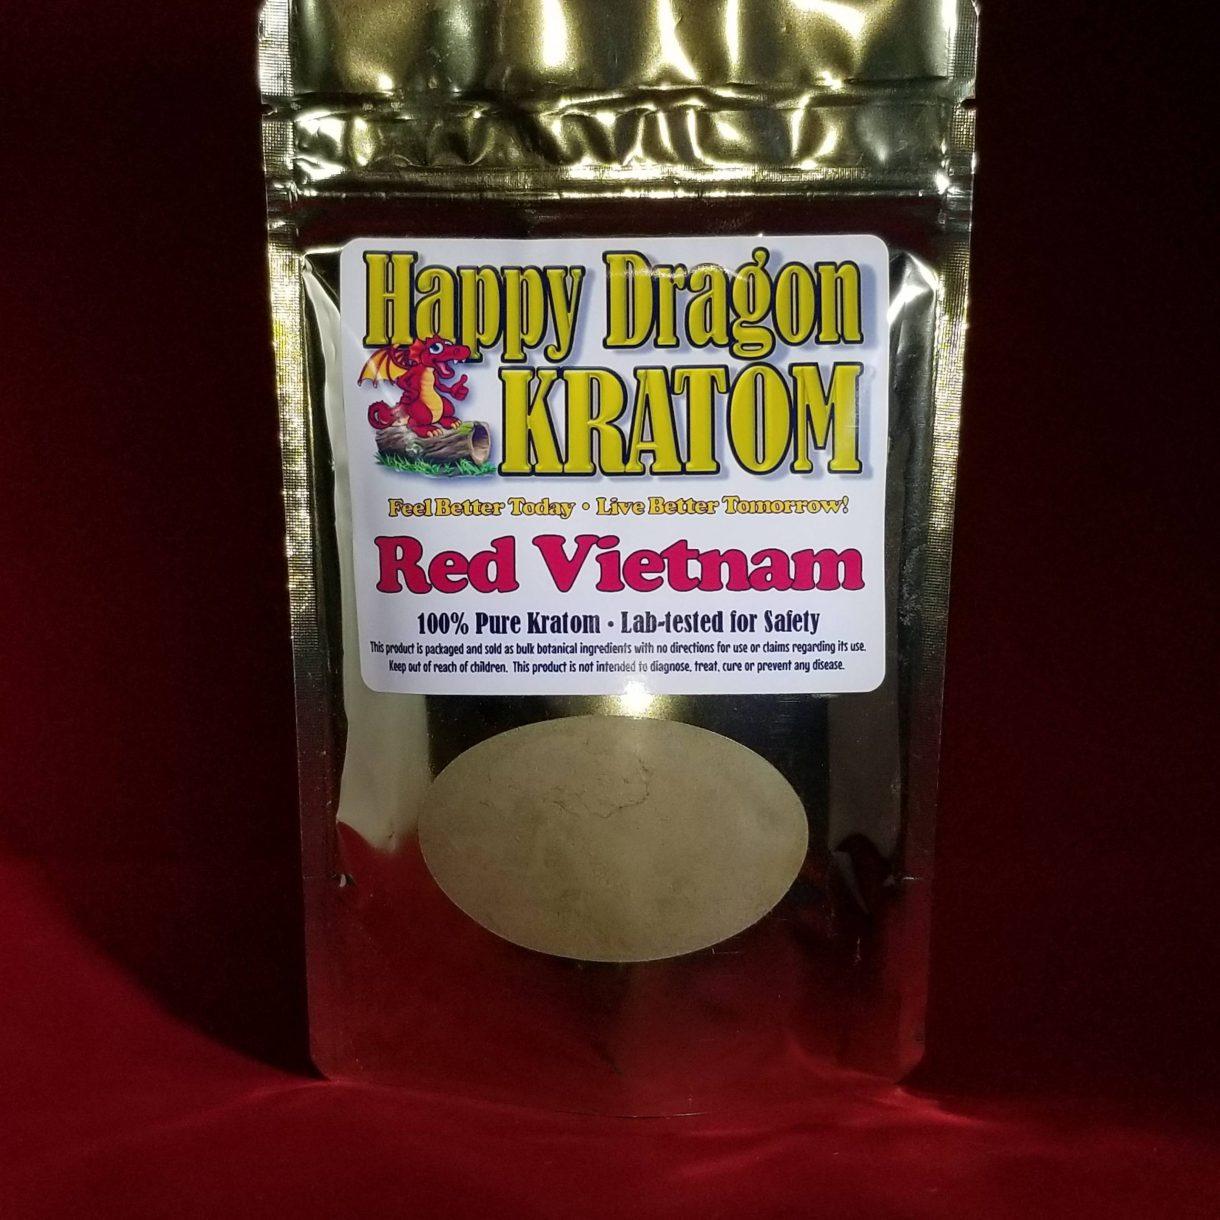 Red Vietnam